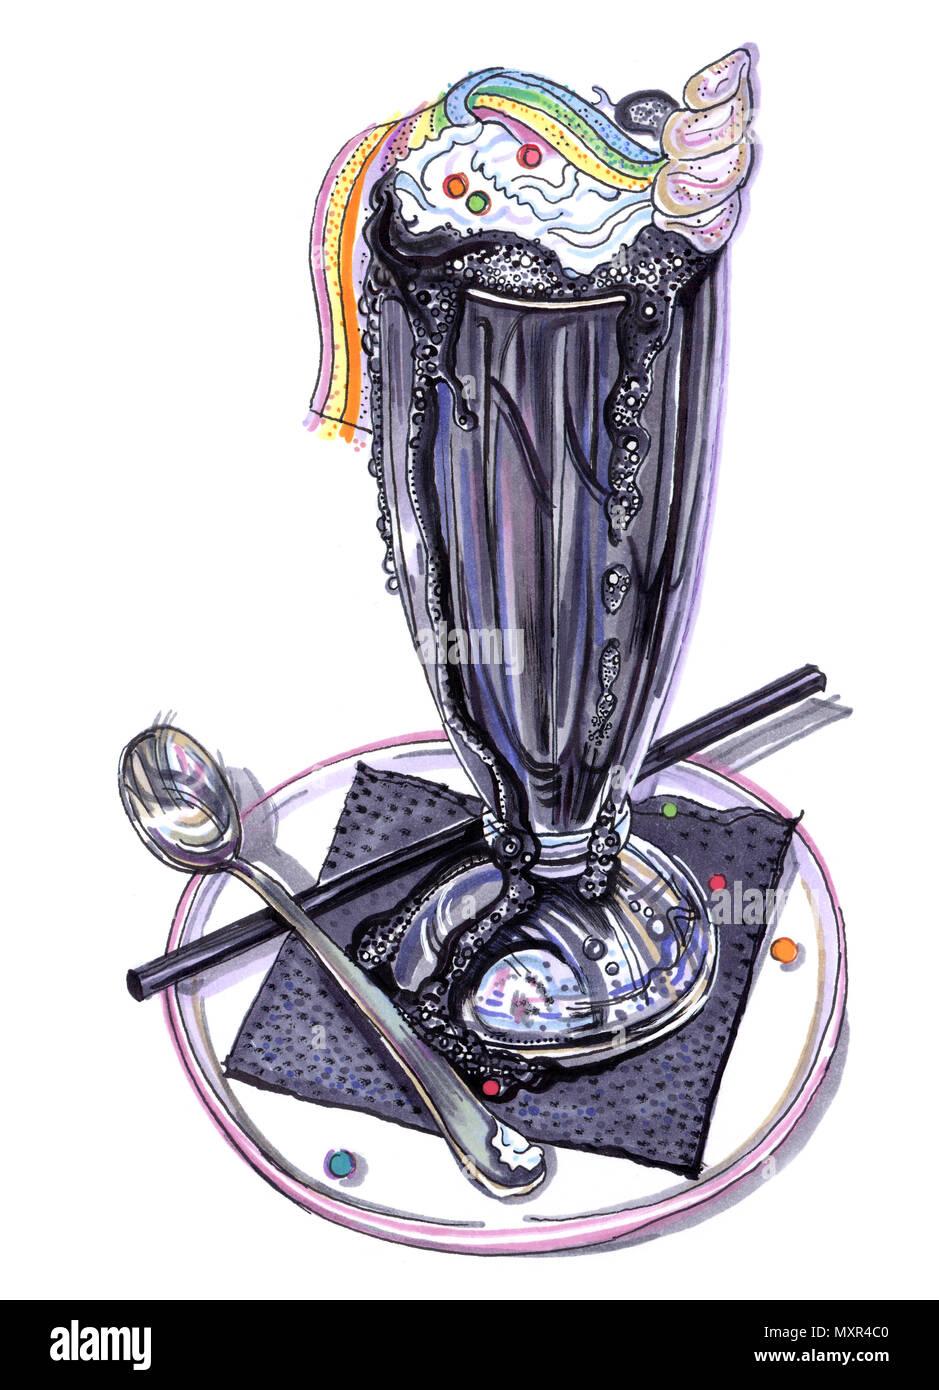 Black ice cream unicorn rainbow milk shake. Cute dibujadas a mano lápiz marcador Ilustración sobre fondo blanco. Pastel de moda goth postre de verano. Imagen De Stock